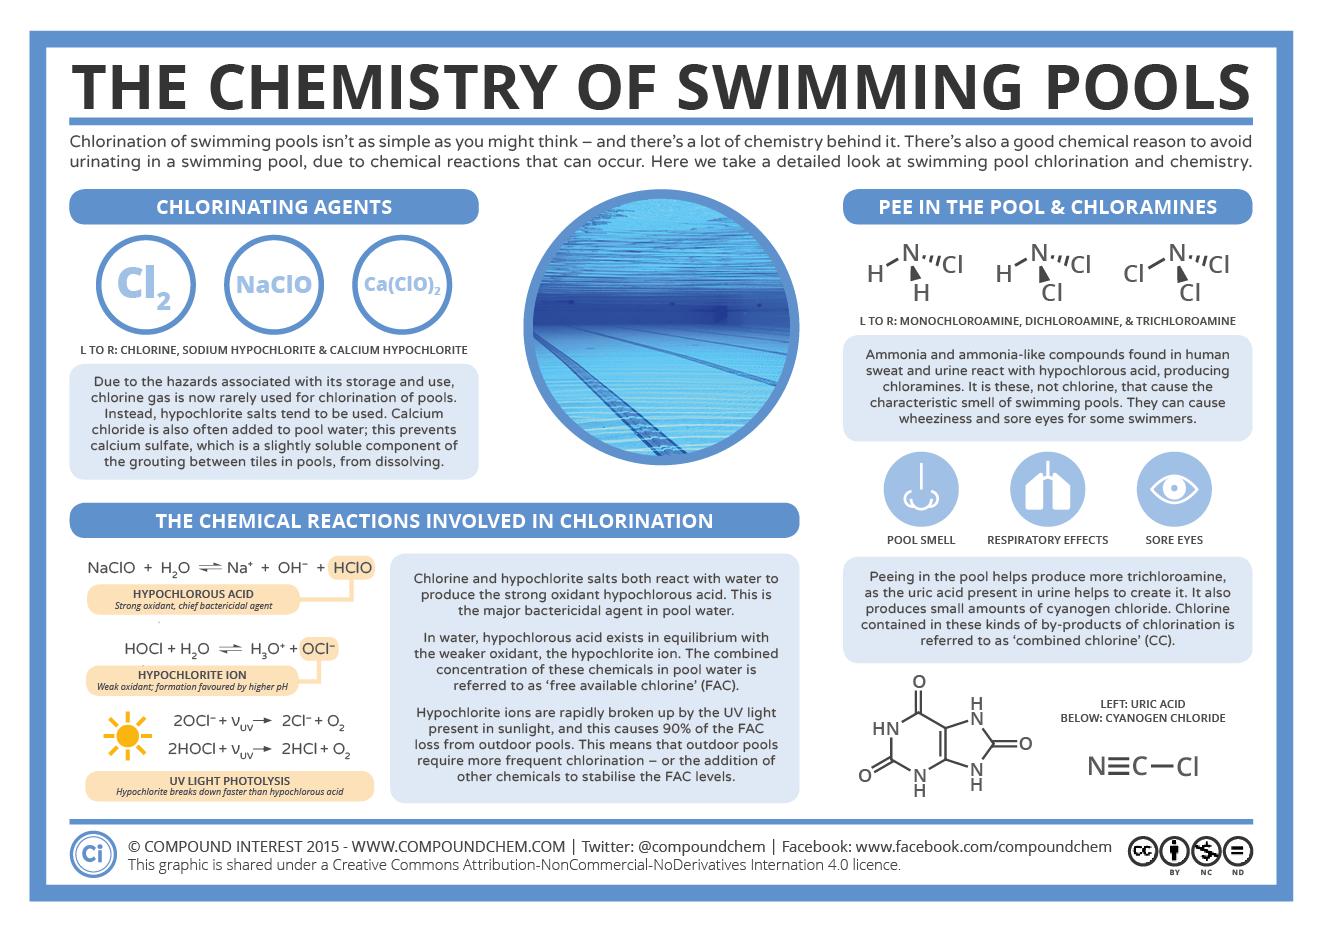 Química veraniega: ¿qué pasa si orinamos en una piscina?